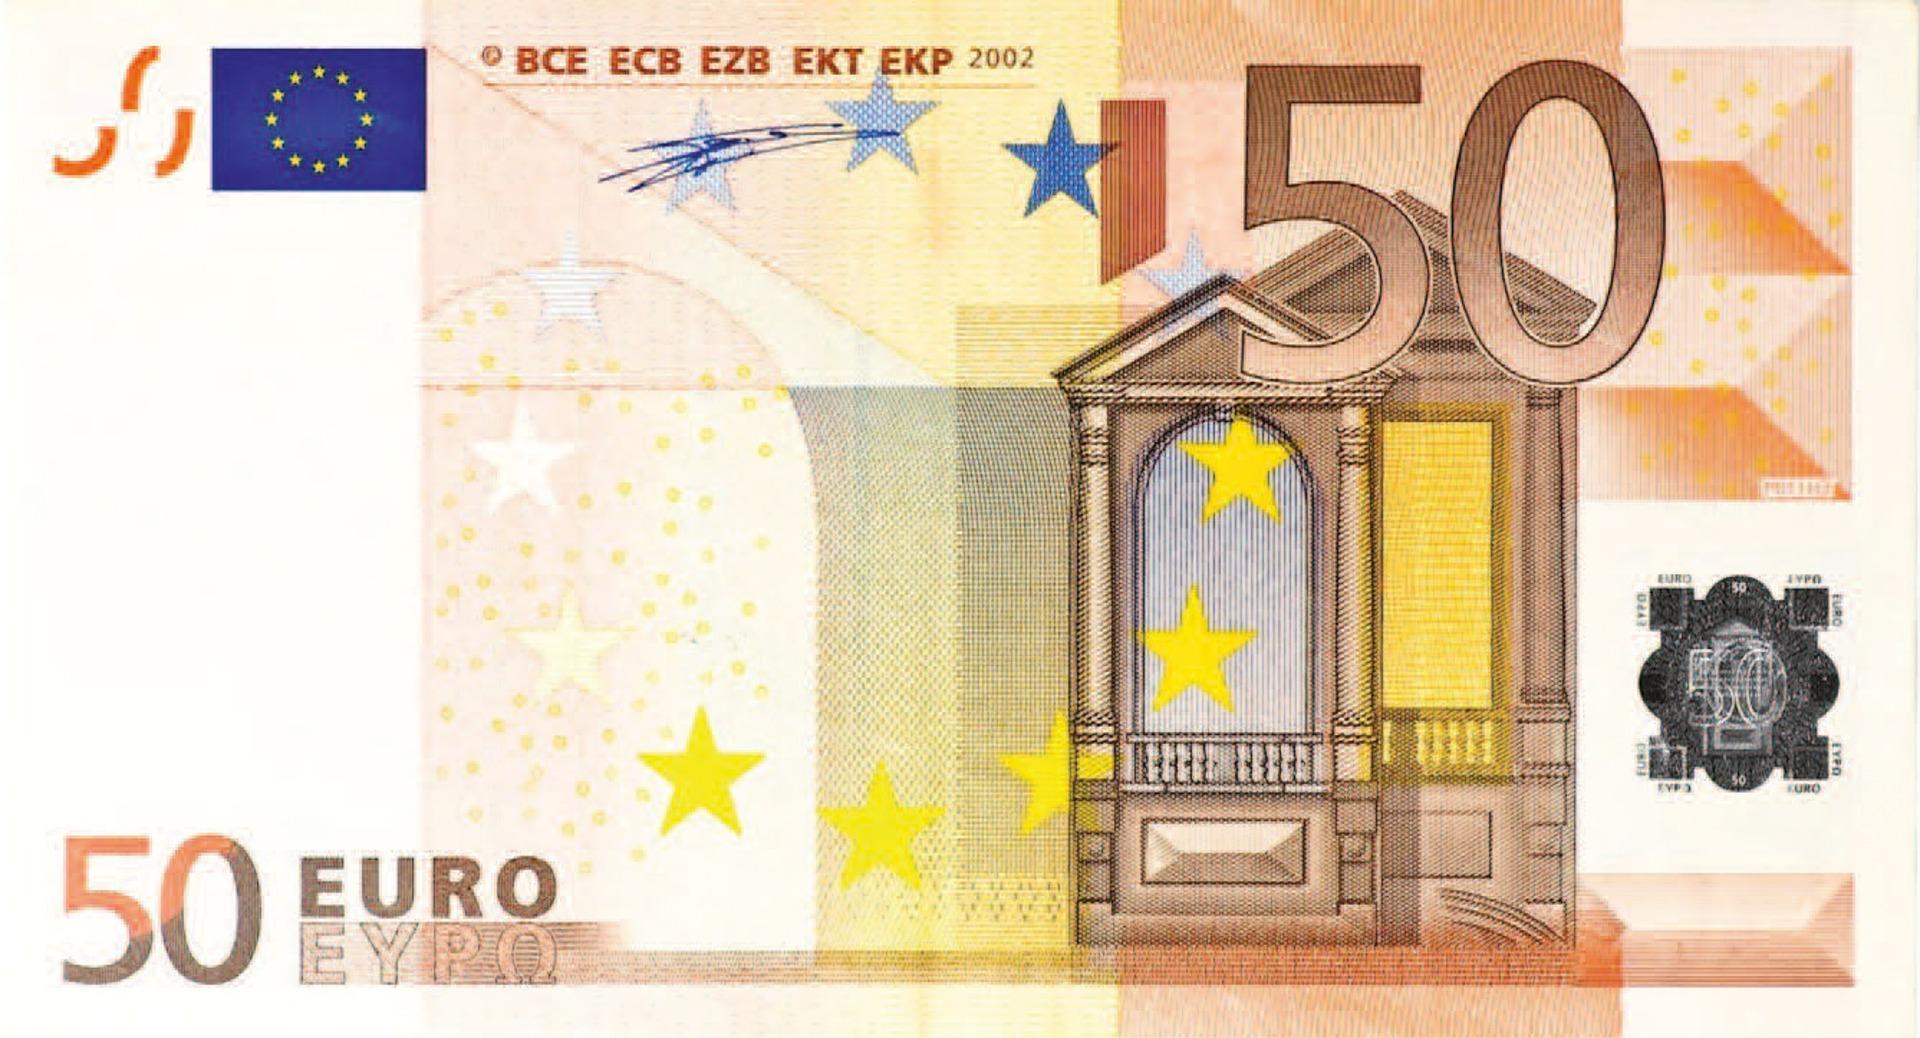 hoax der 50 euro schein unter dem scheibenwischer anti spam info. Black Bedroom Furniture Sets. Home Design Ideas